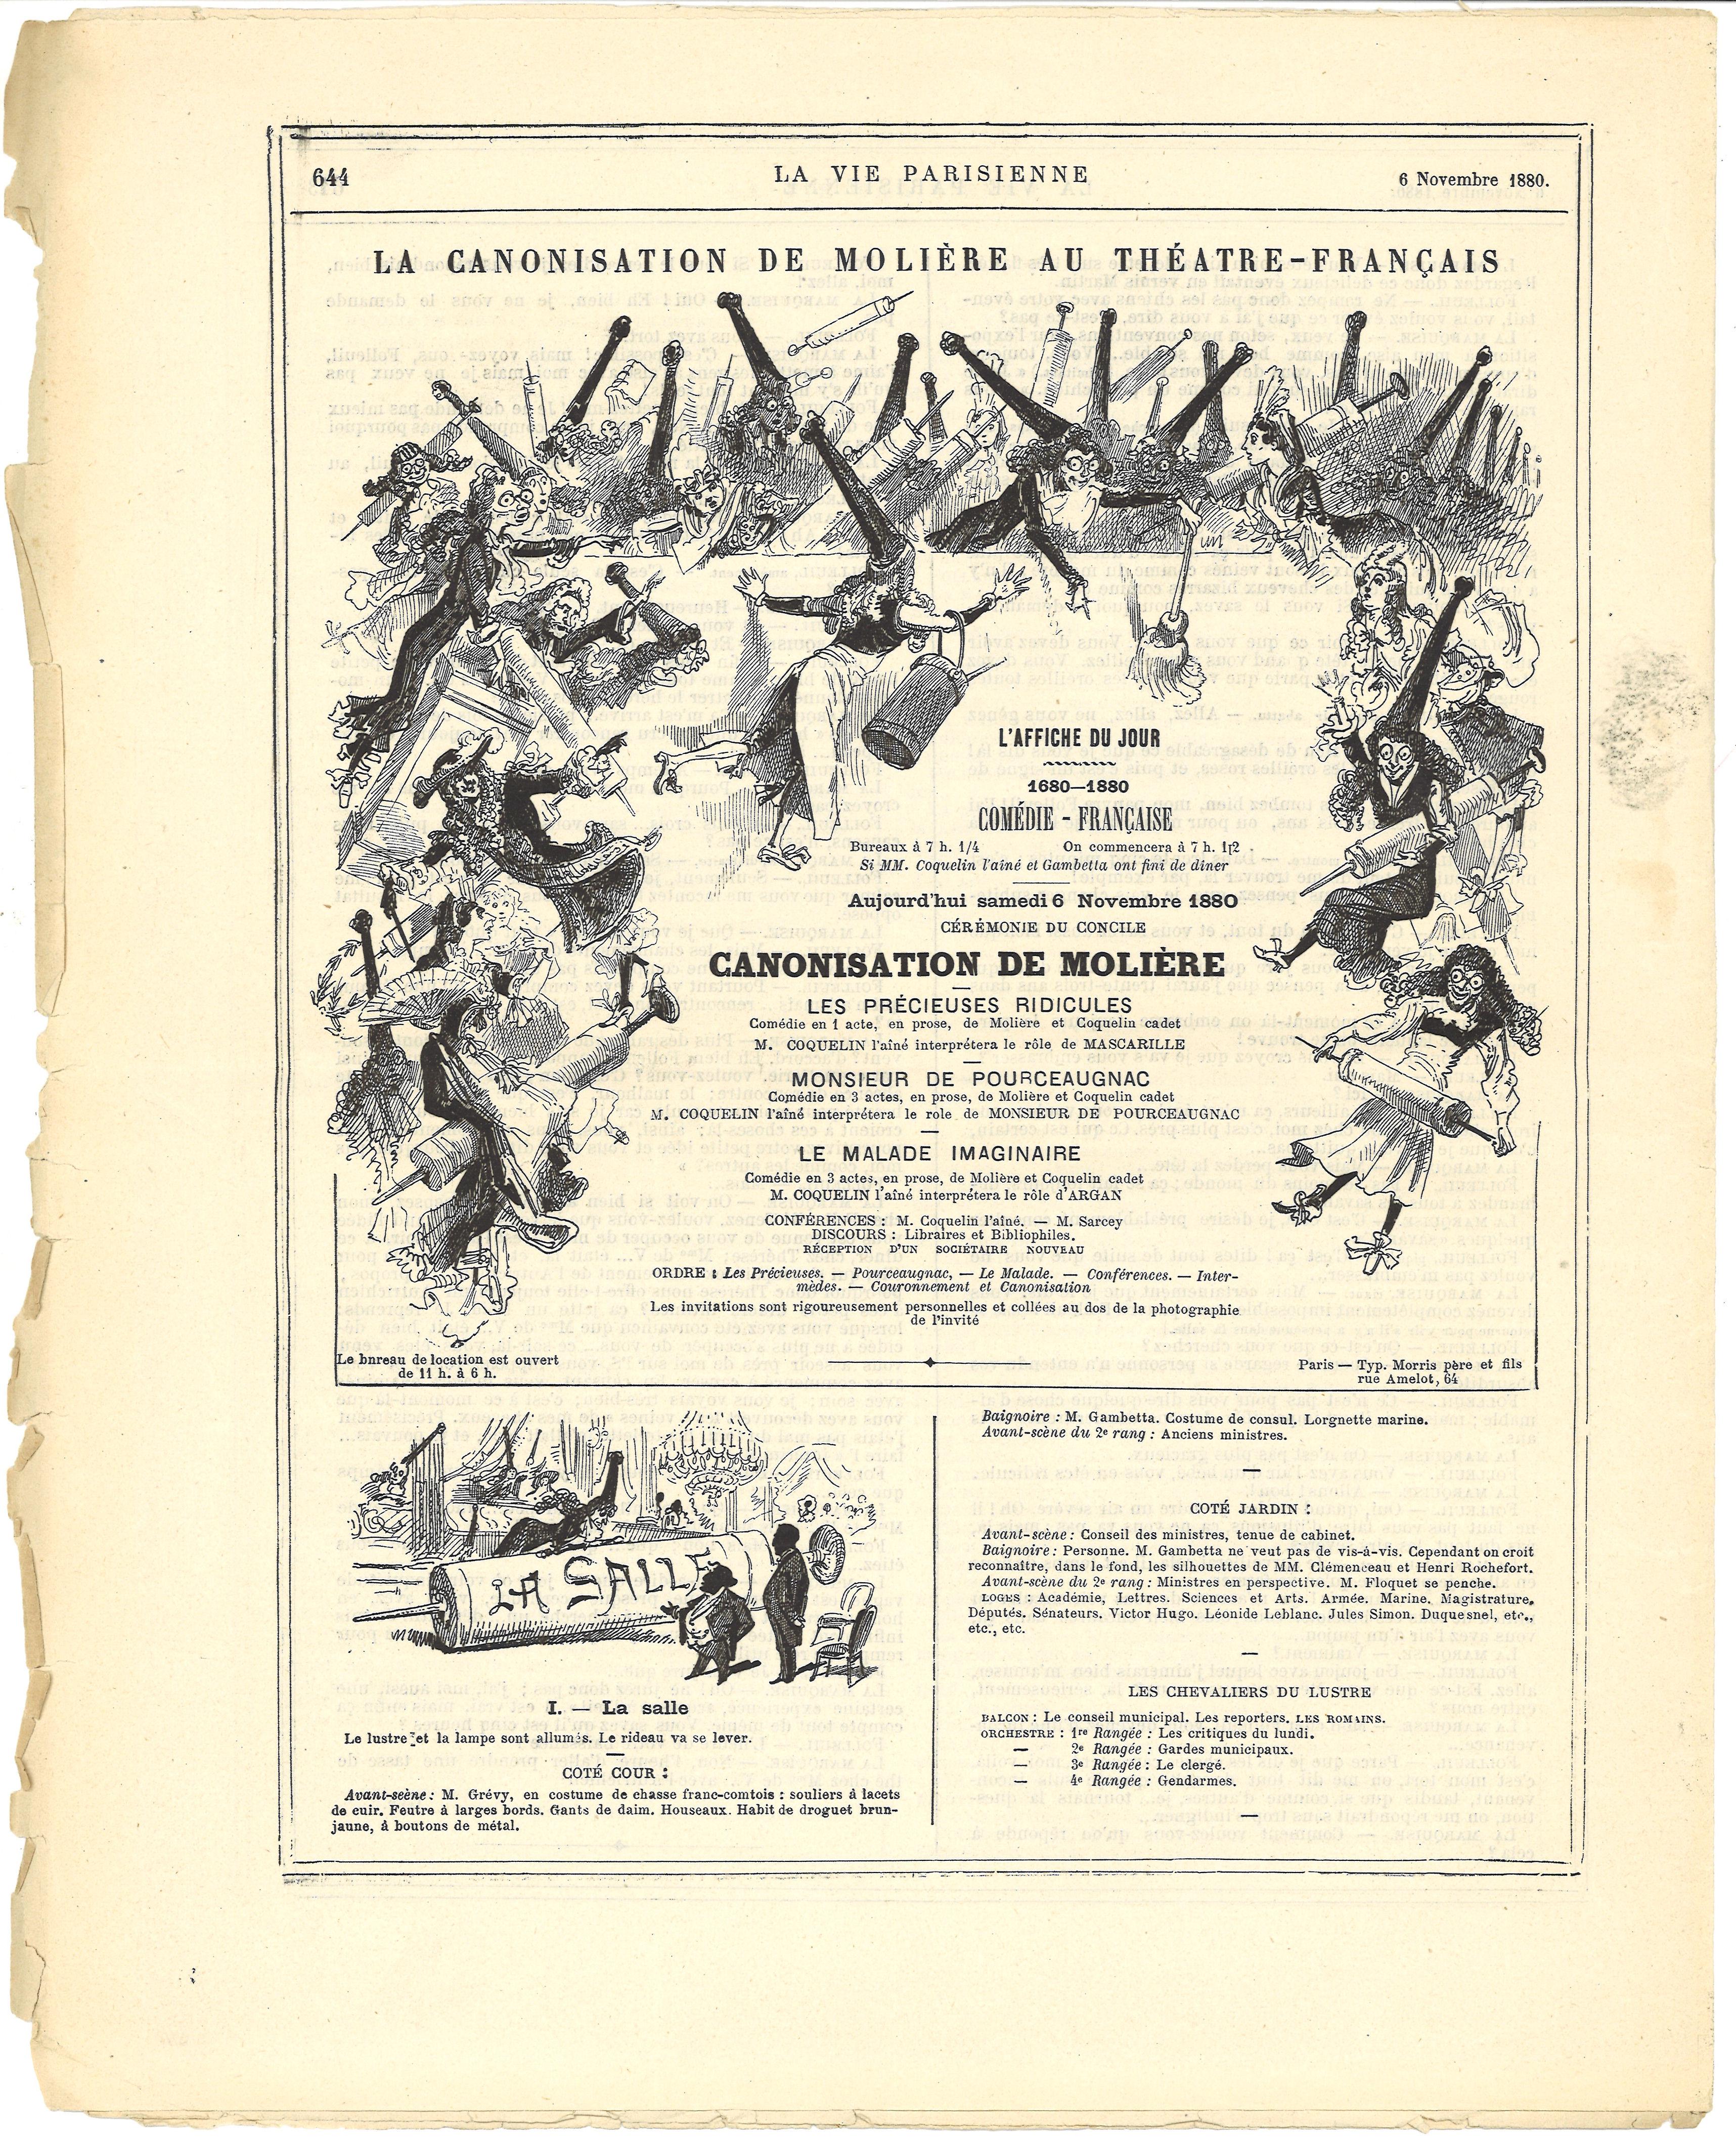 11-canonisation-de-moliare-au-thcetre-franaais-dans-la-vie-parisienne-1880